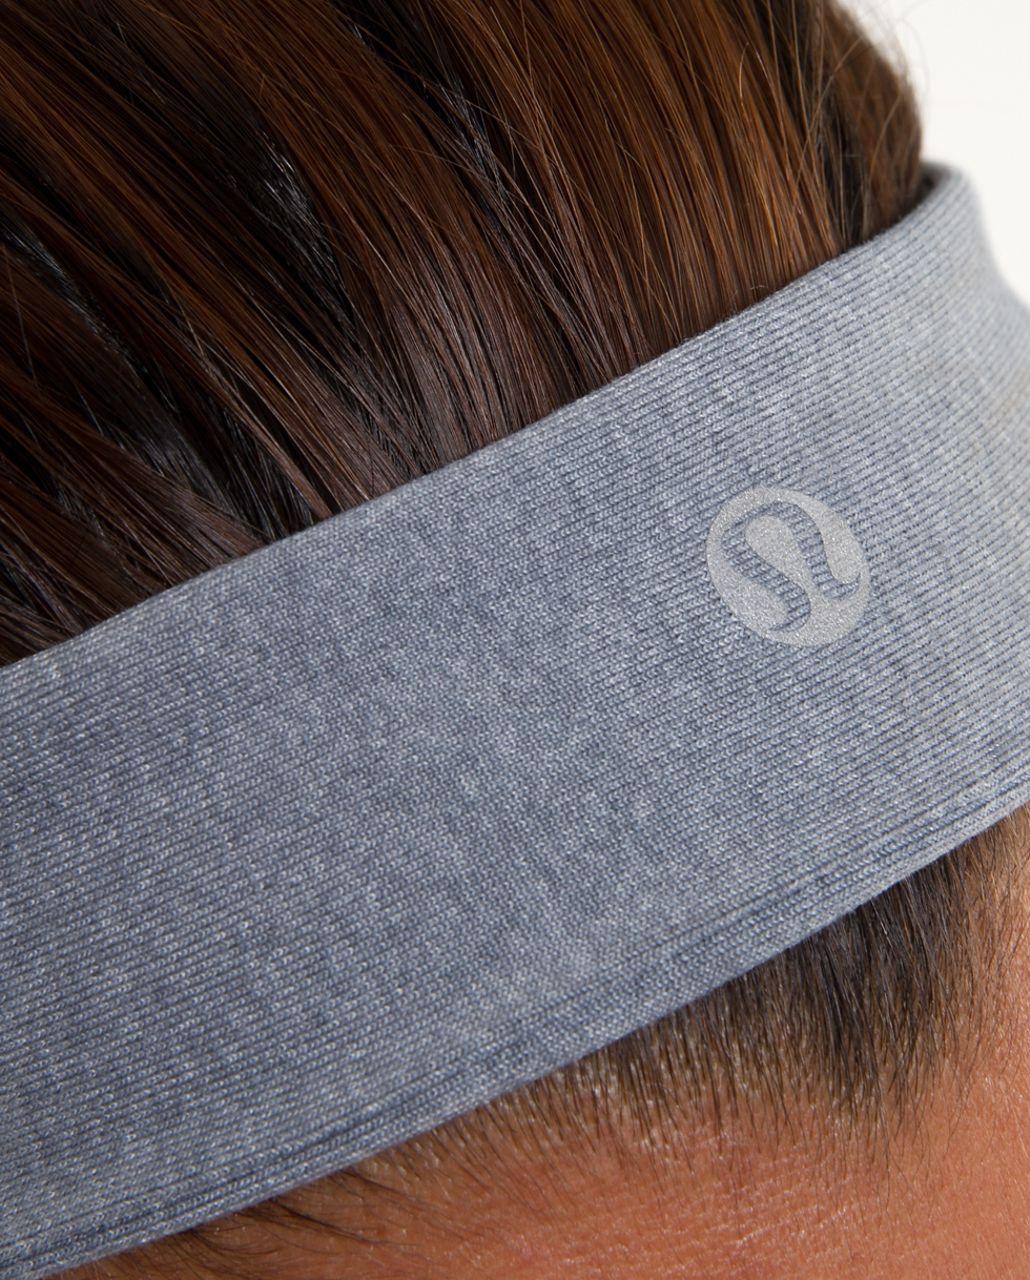 Lululemon Slipless Headband - Heathered Blurred Grey